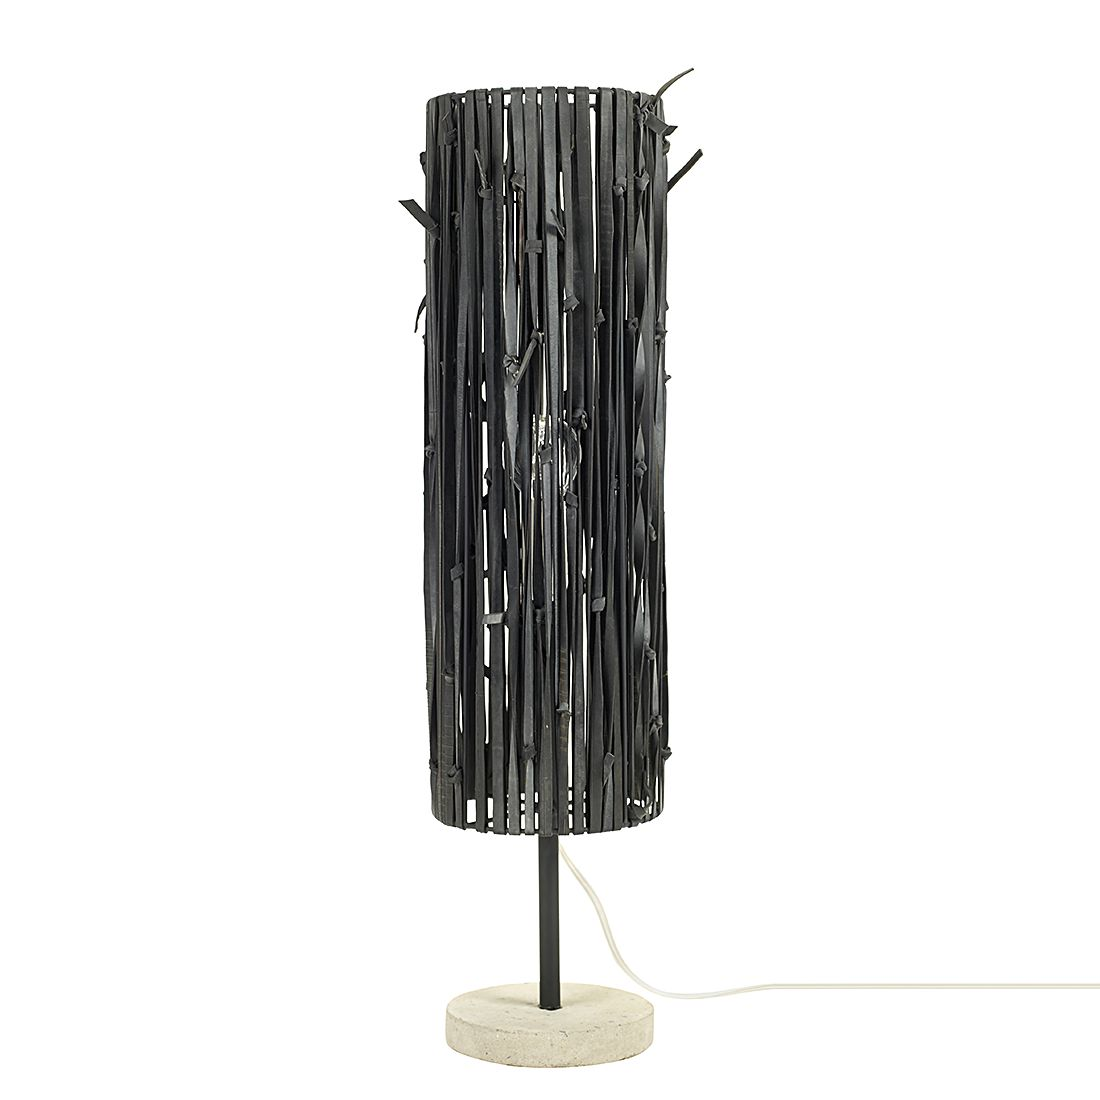 Tischleuchte -Schwarz – 1-flammig, Serax jetzt kaufen